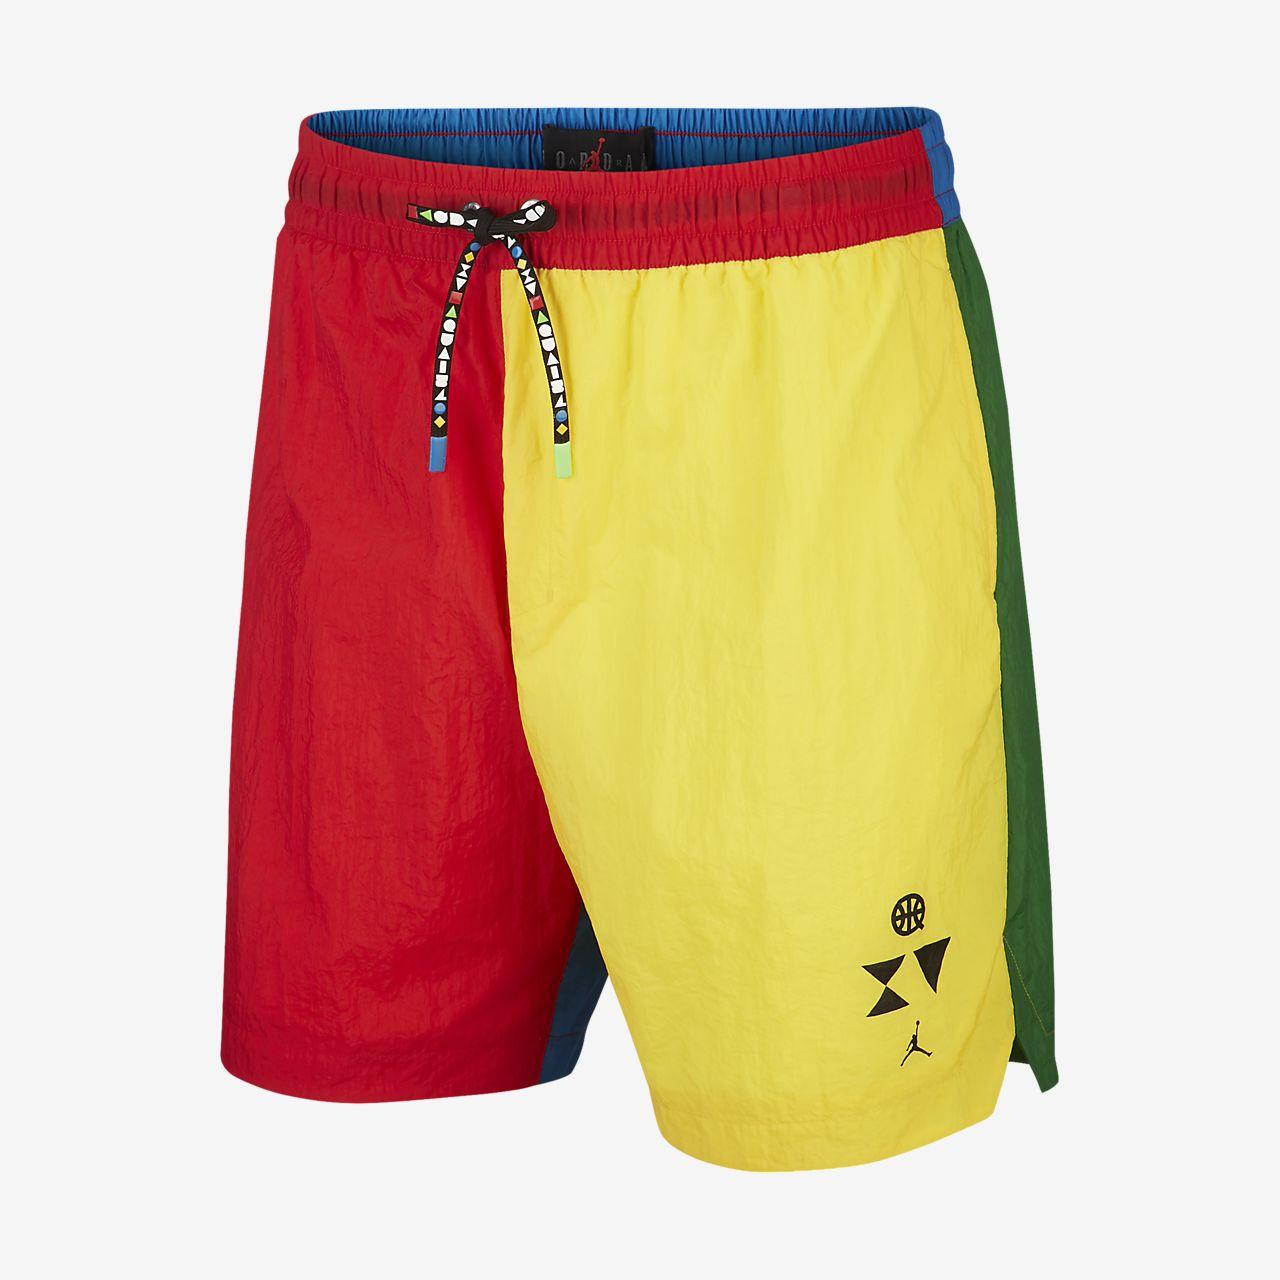 Shorts de piscina para hombre Jordan Quai54